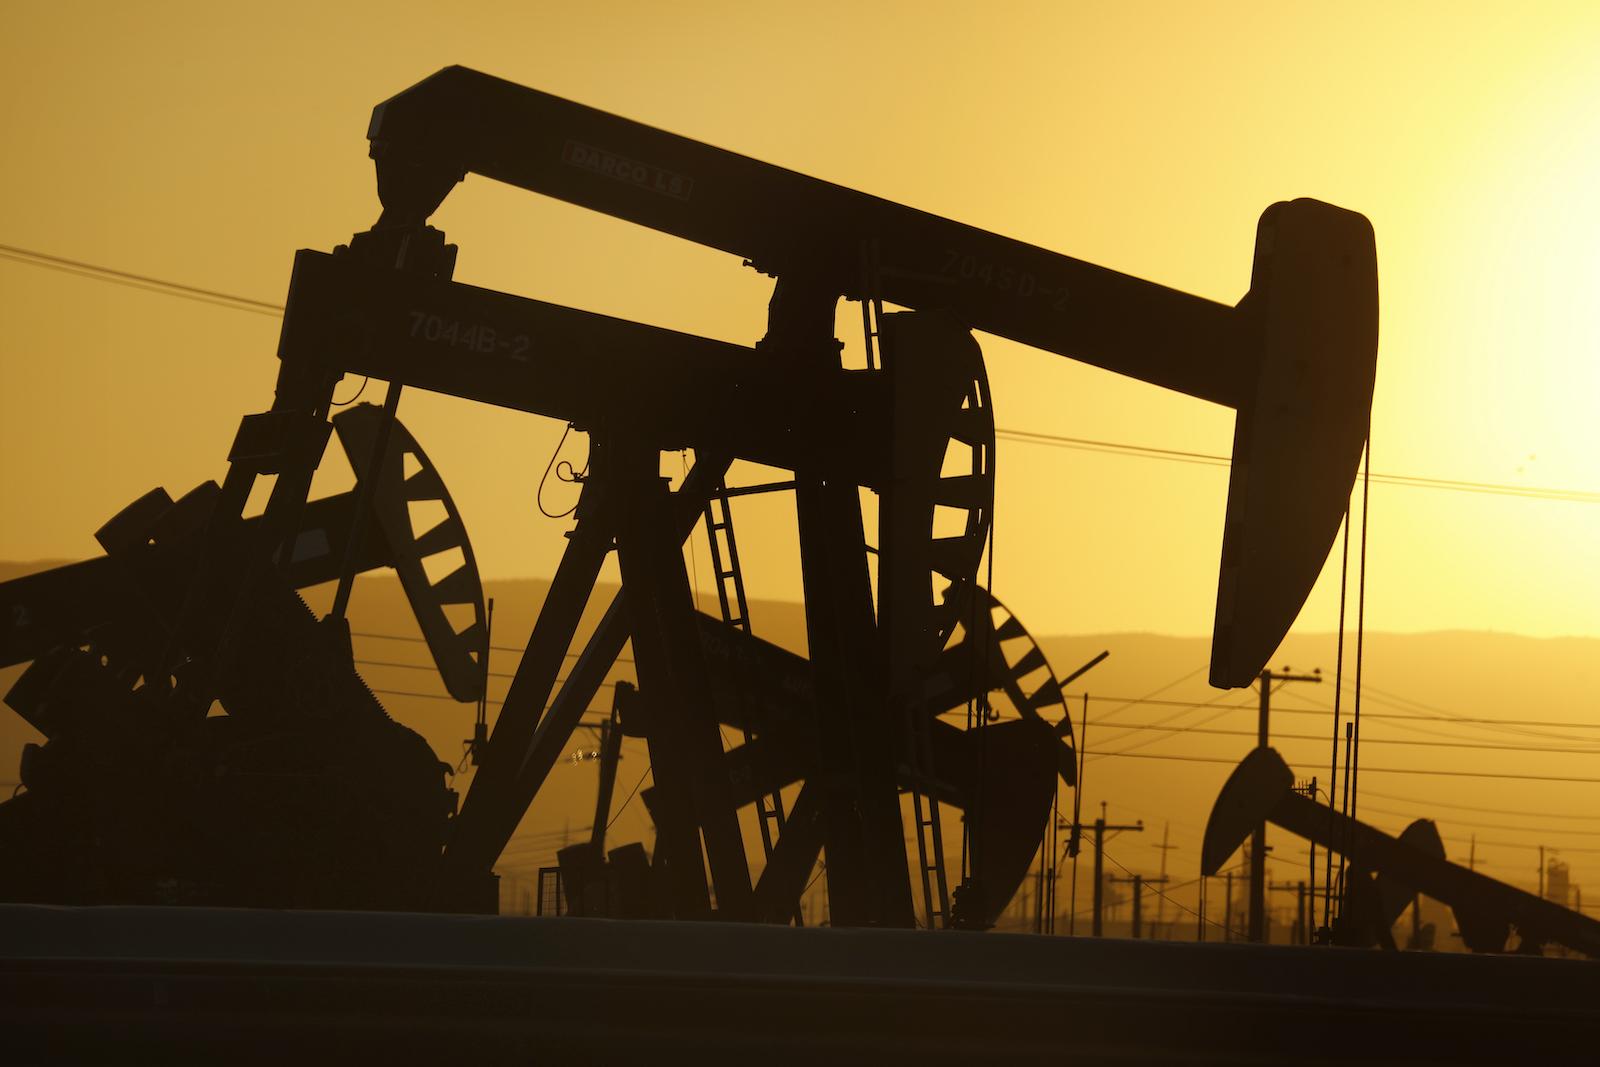 加利福尼亞州麥基特里克市,加利福尼亞州,2020年4月29日,位於加州麥基特里克鎮北部的麥基特里克油田有1,100多口正在生產的油井。  33號州際公路。由於石油價格下跌,一些需要維修的抽油機被閒置了。  (卡羅琳·科爾/洛杉磯時報通過Getty Images)